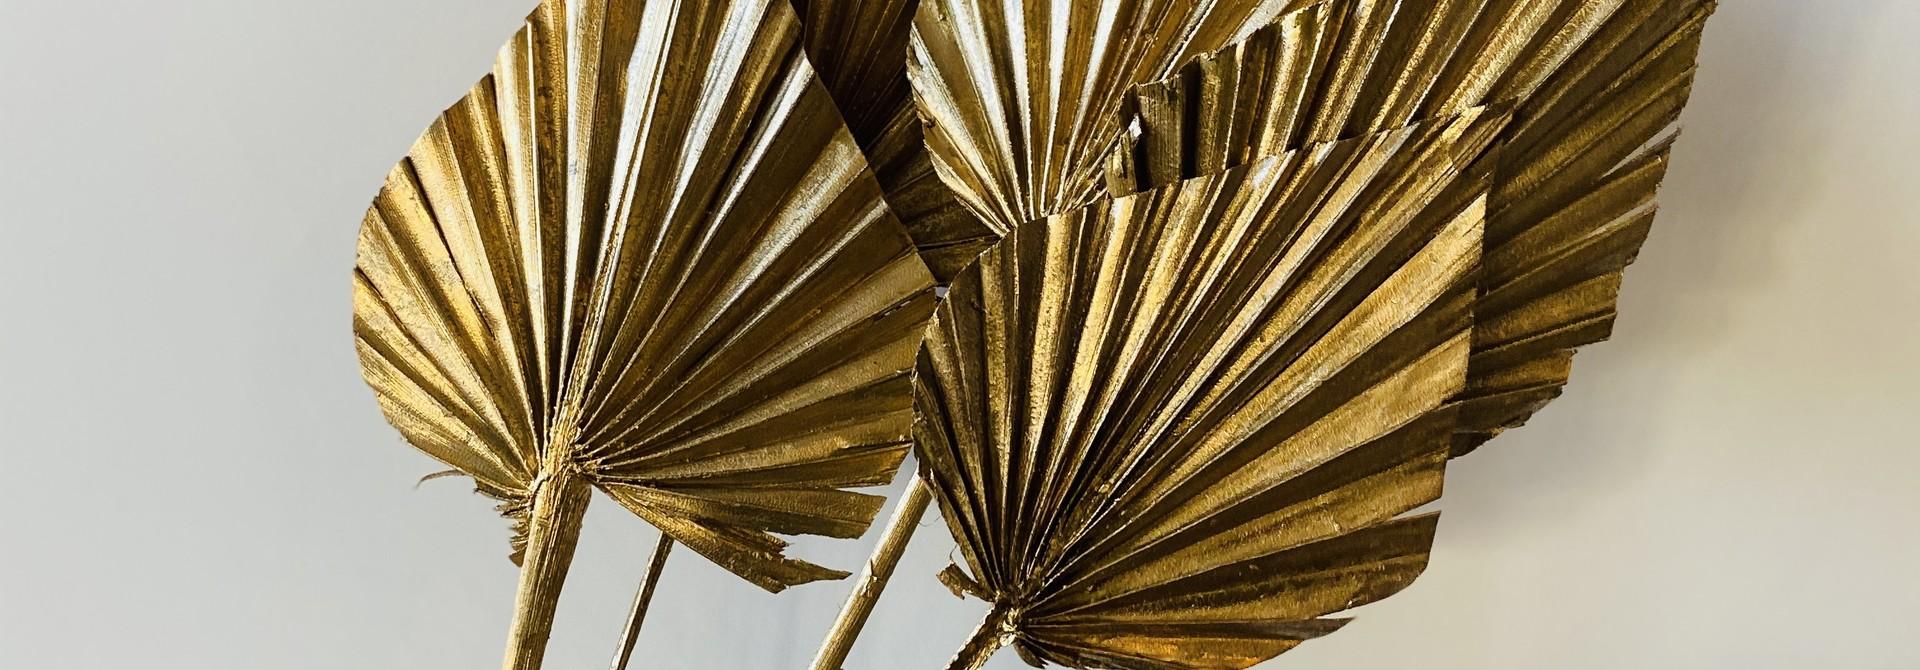 Palm Spear Gold - 5 stuks